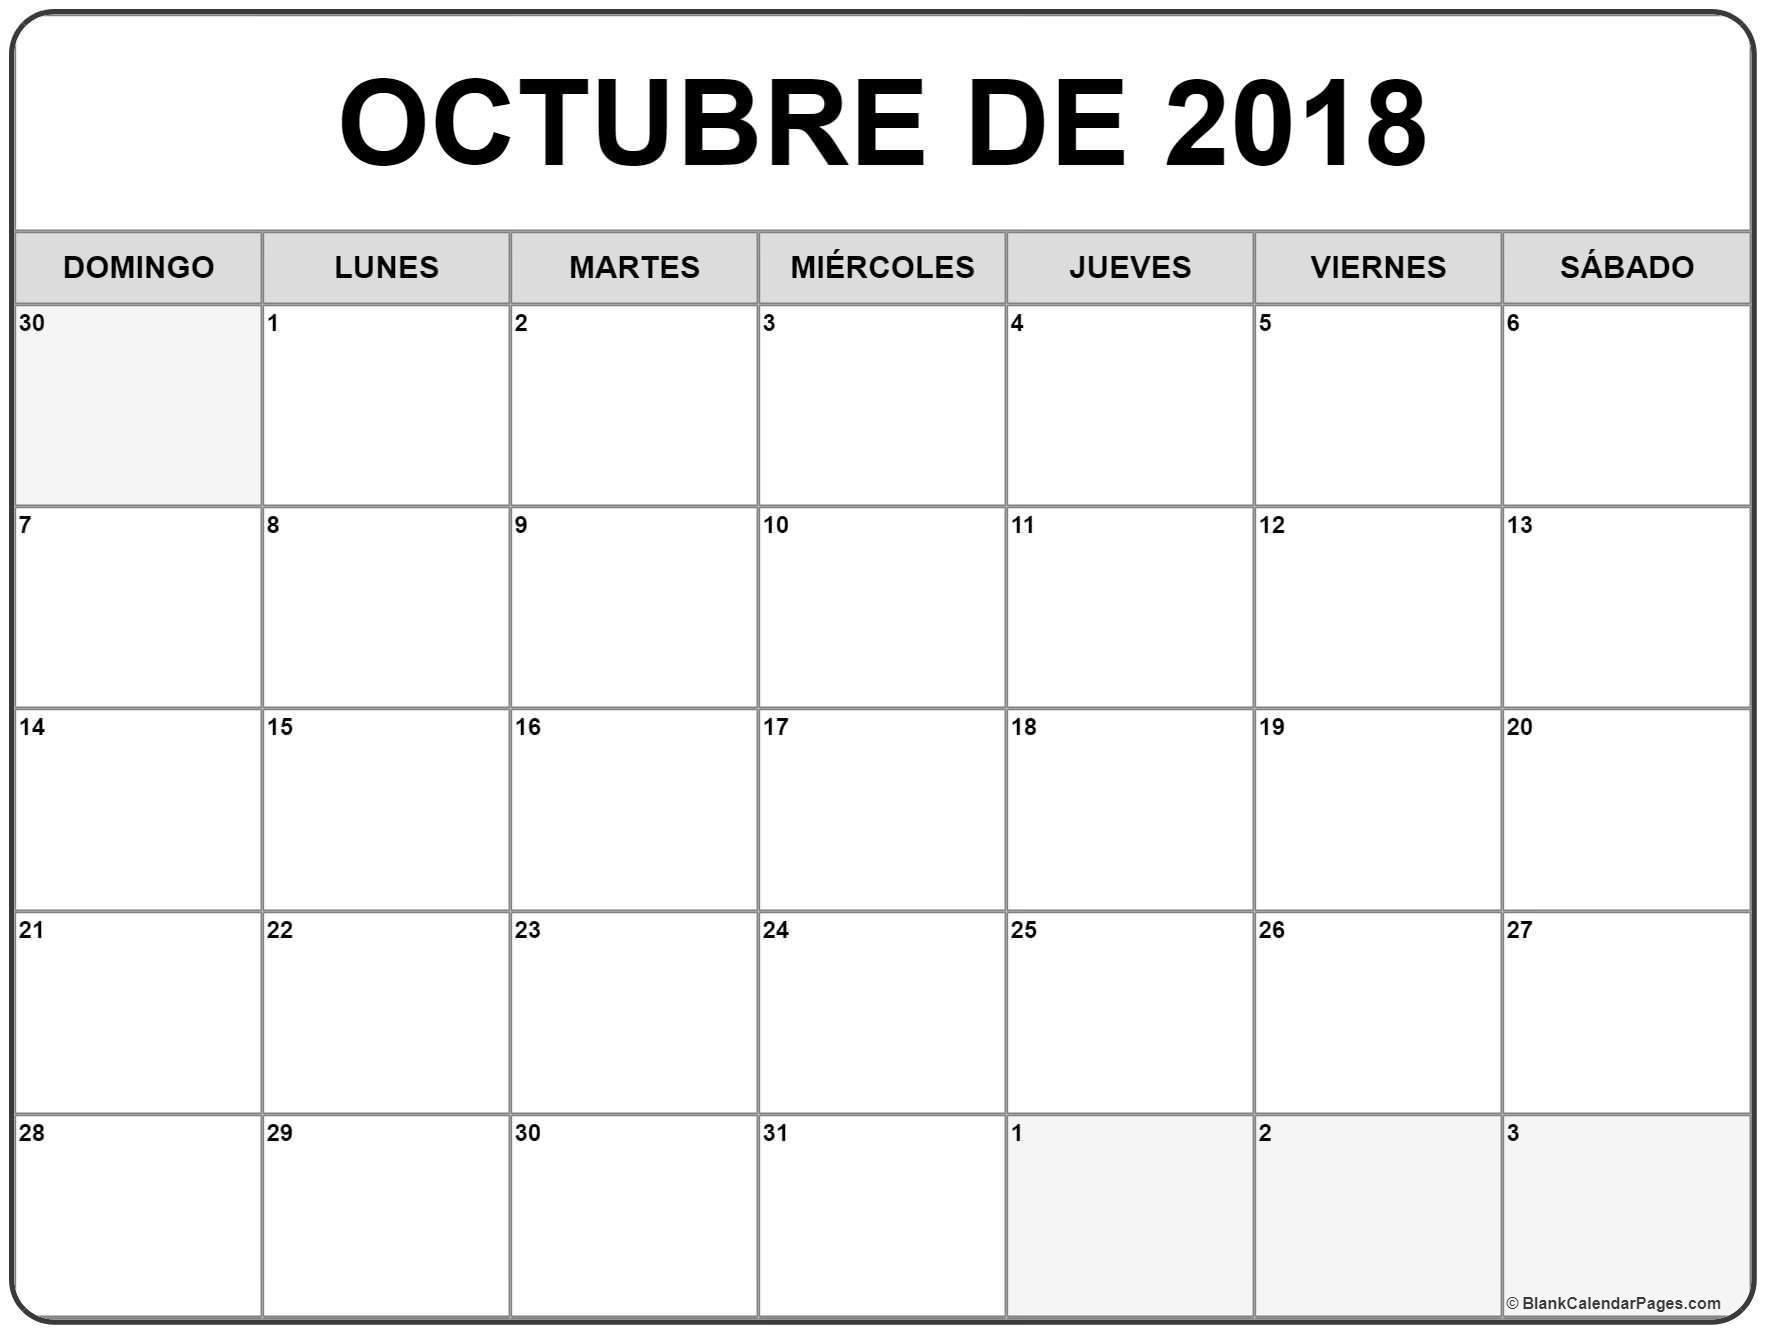 Calendario Enero 2019 Para Imprimir A4 Más Arriba-a-fecha Mes Octubre Of Calendario Enero 2019 Para Imprimir A4 Actual Calendario Diciembre De 2019 53ld Calendario T